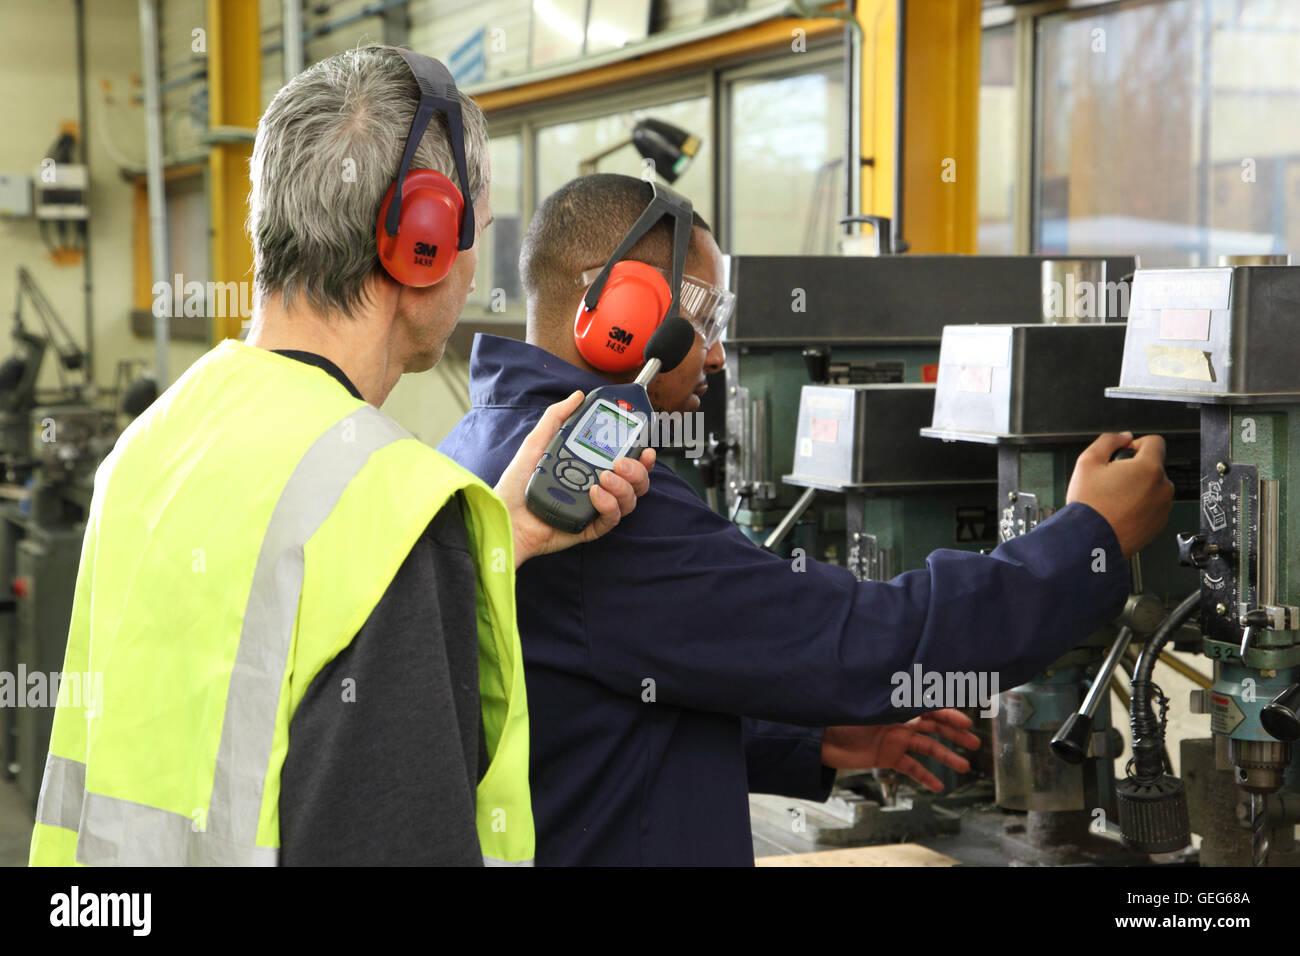 Un ingeniero ambiental supervisa los niveles de ruido junto a una máquina de perforación en una planta Imagen De Stock